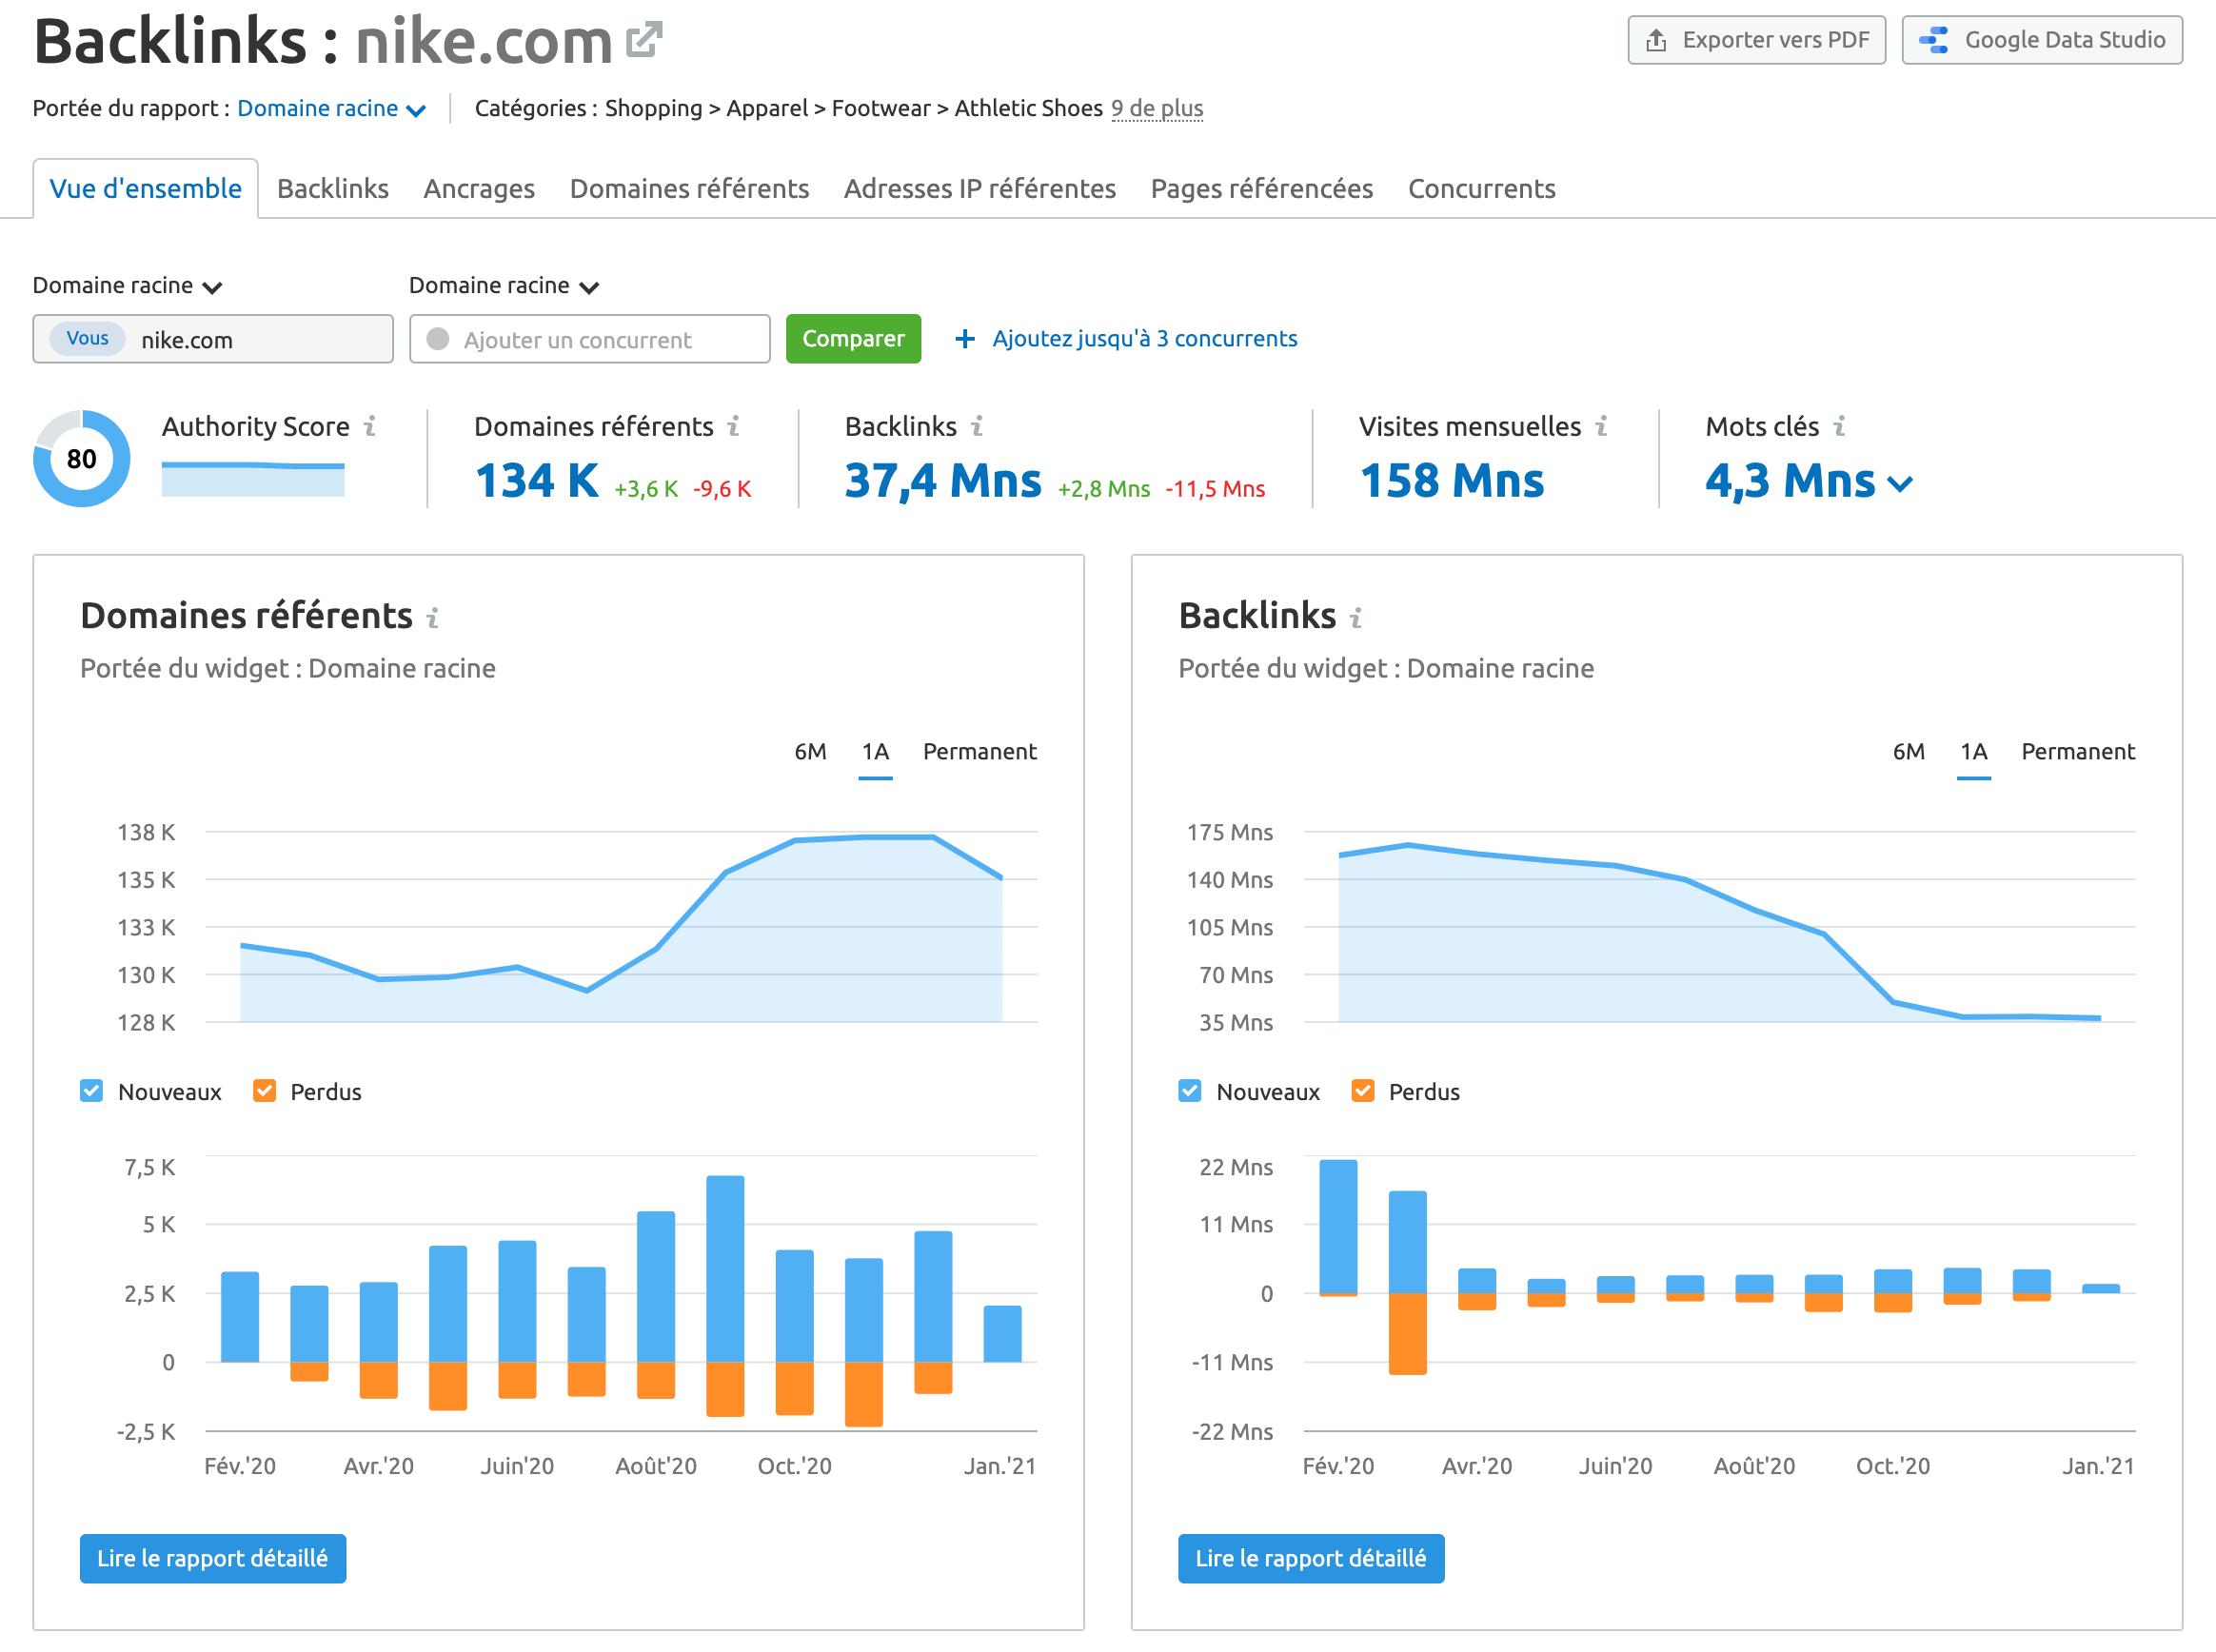 analyse-de-backlink.png